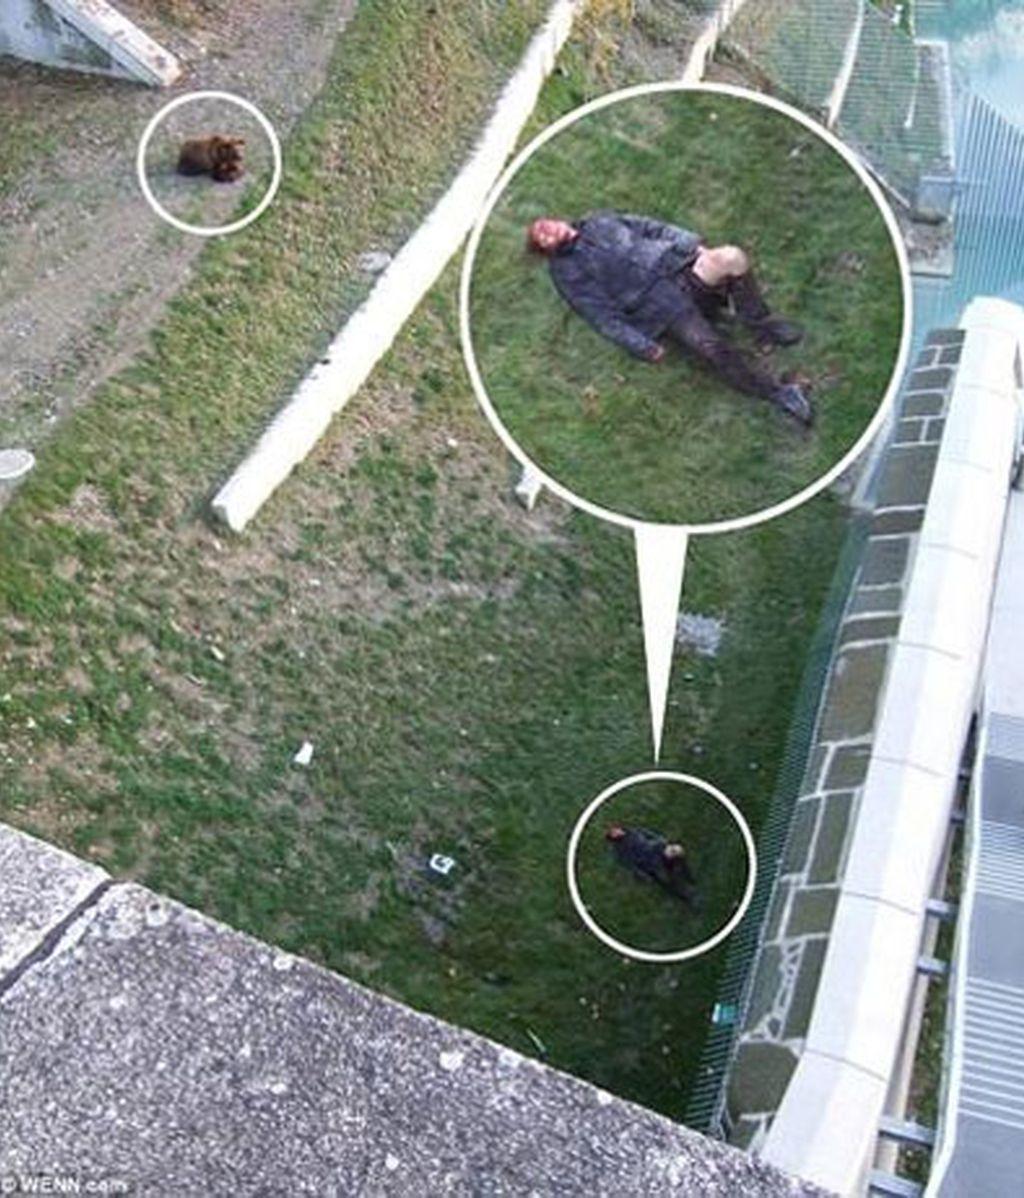 el oso resultó herido de un disparo